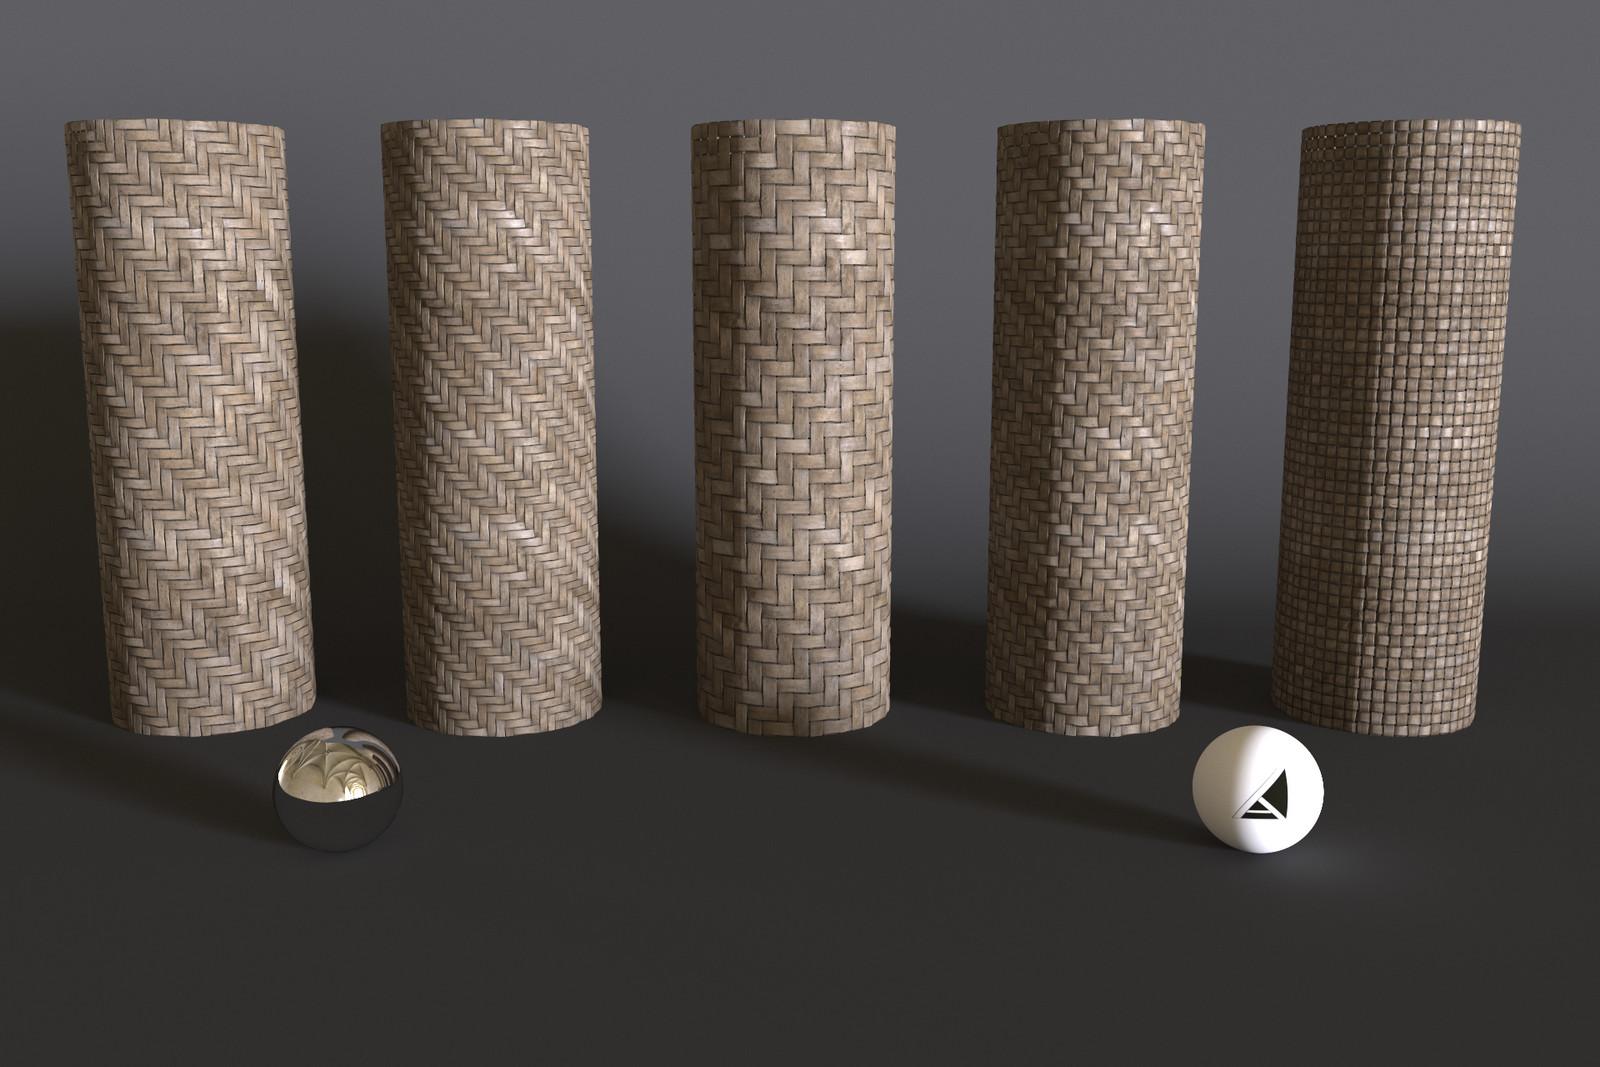 Woven Mats Textures - Substance Designer